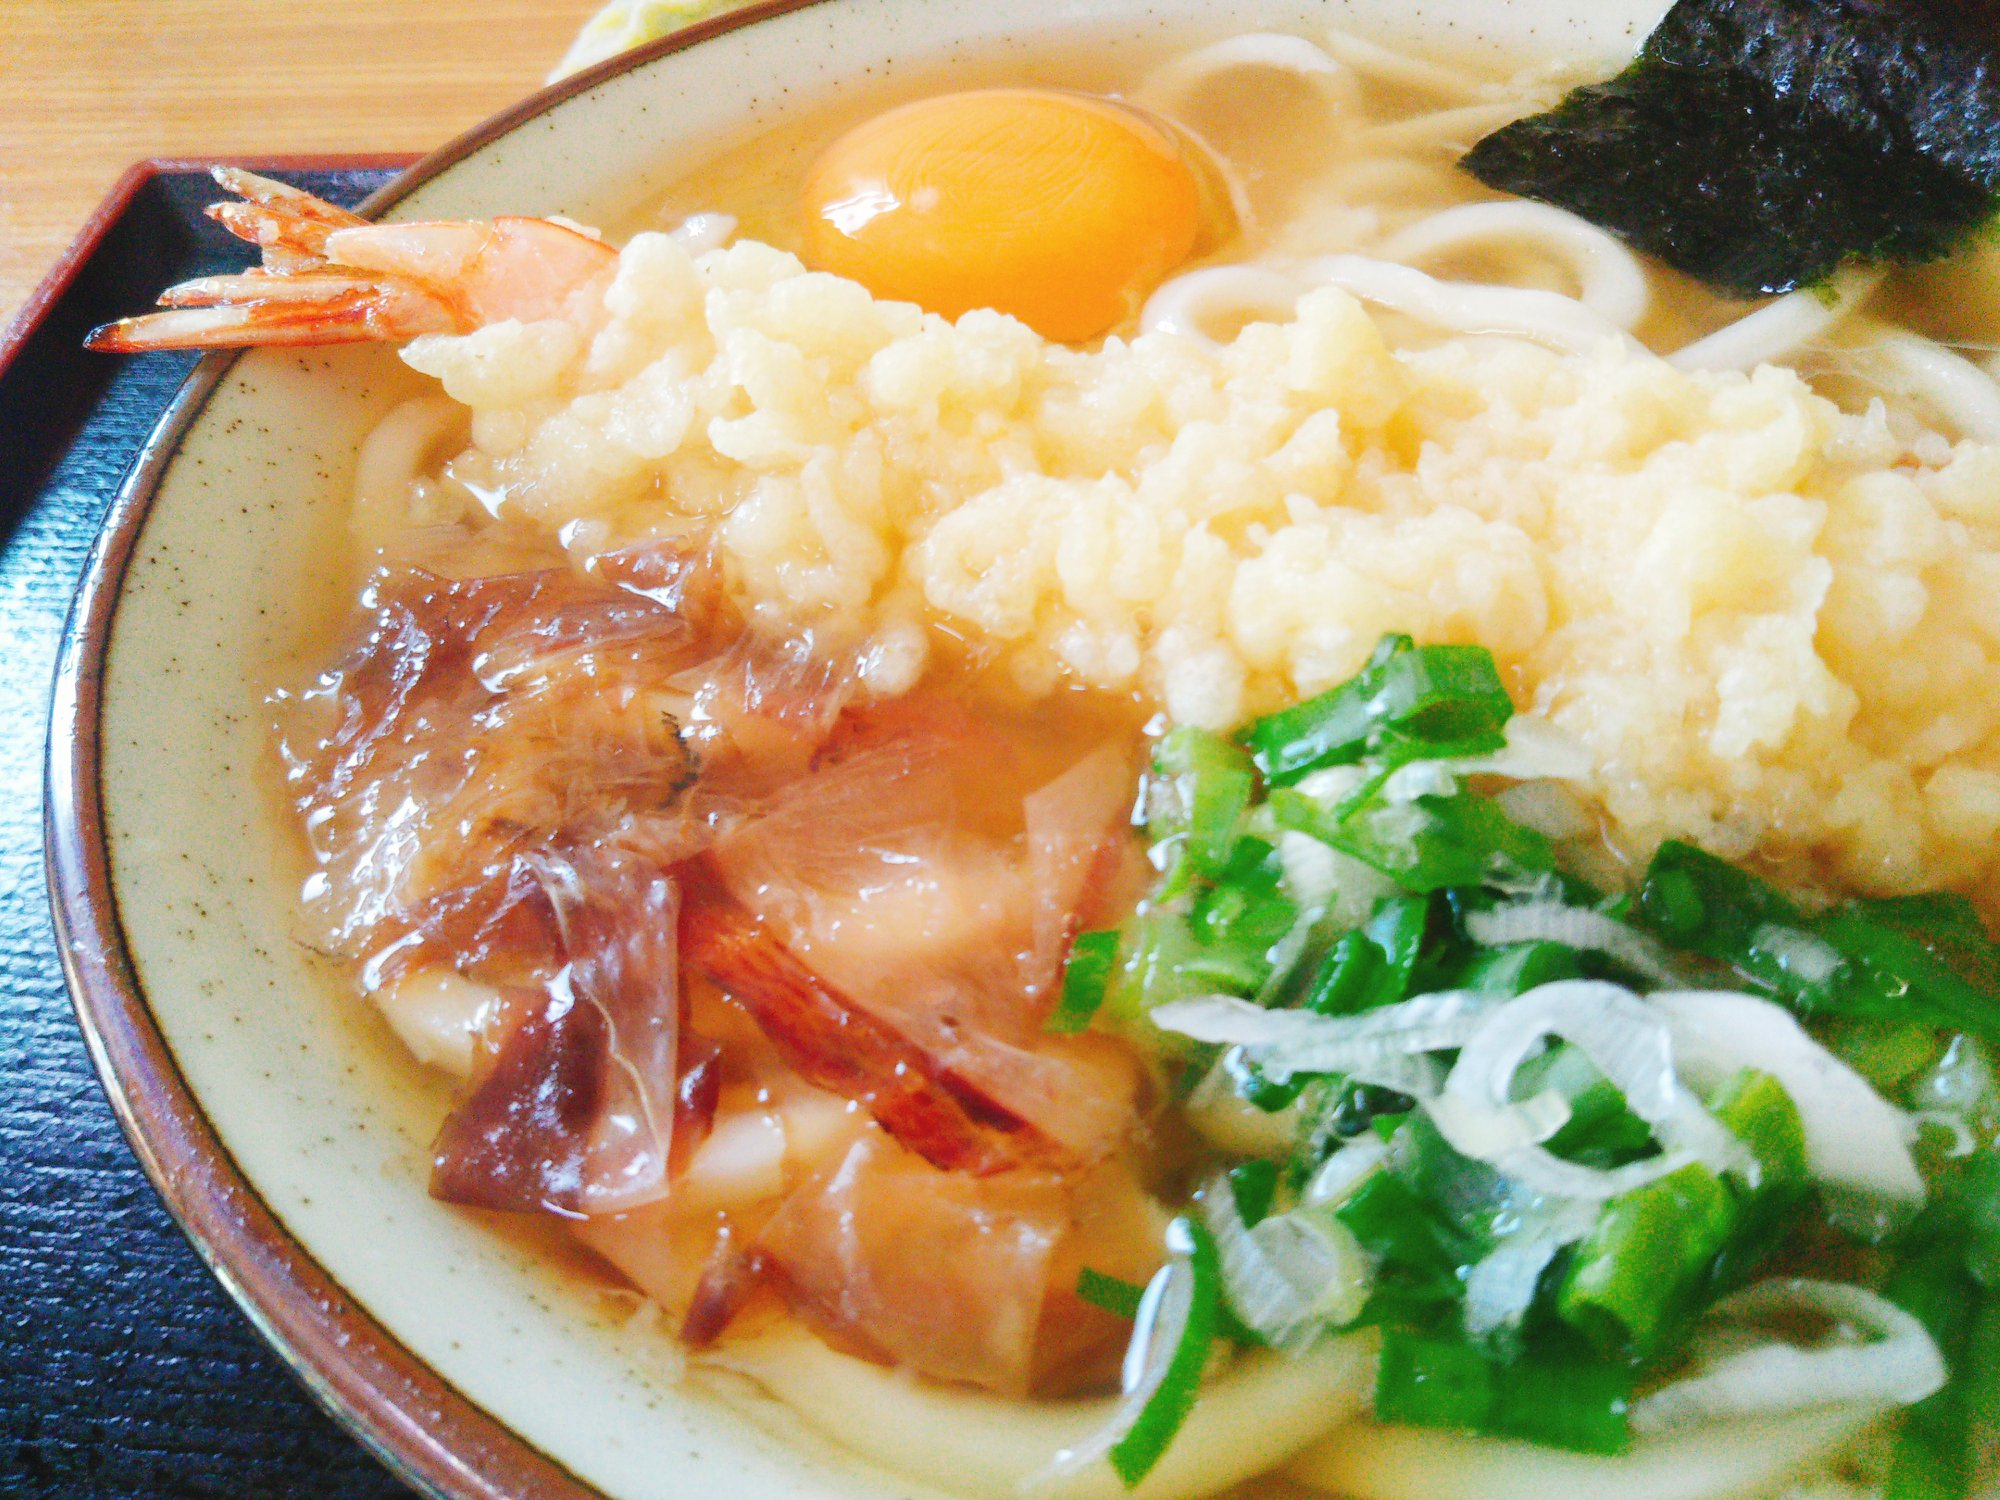 関ジャニ∞も味わったB級グルメの最高峰!山崎製麺所(ランチ編)【七尾市】